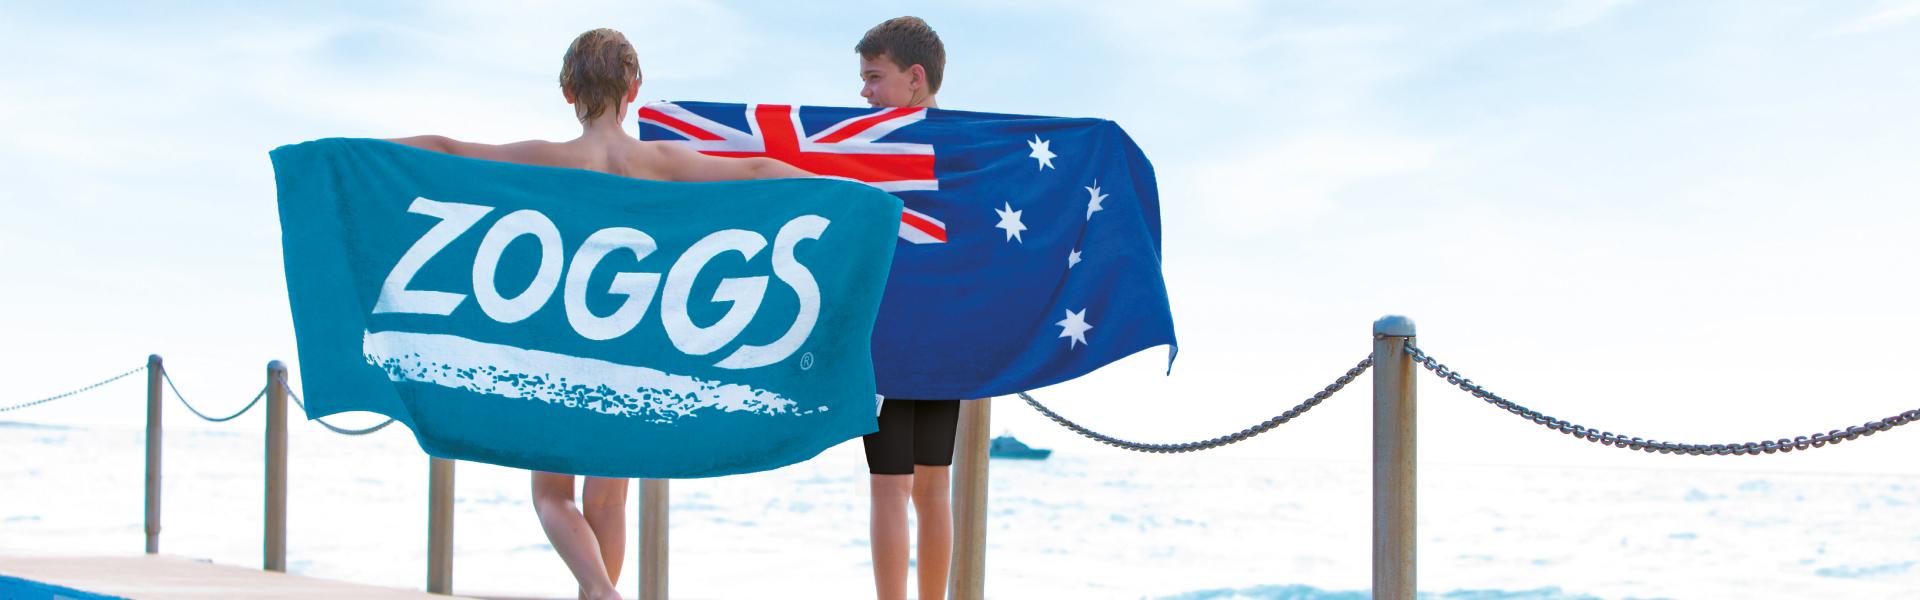 Zoggs named Swimwear Brand of the Year